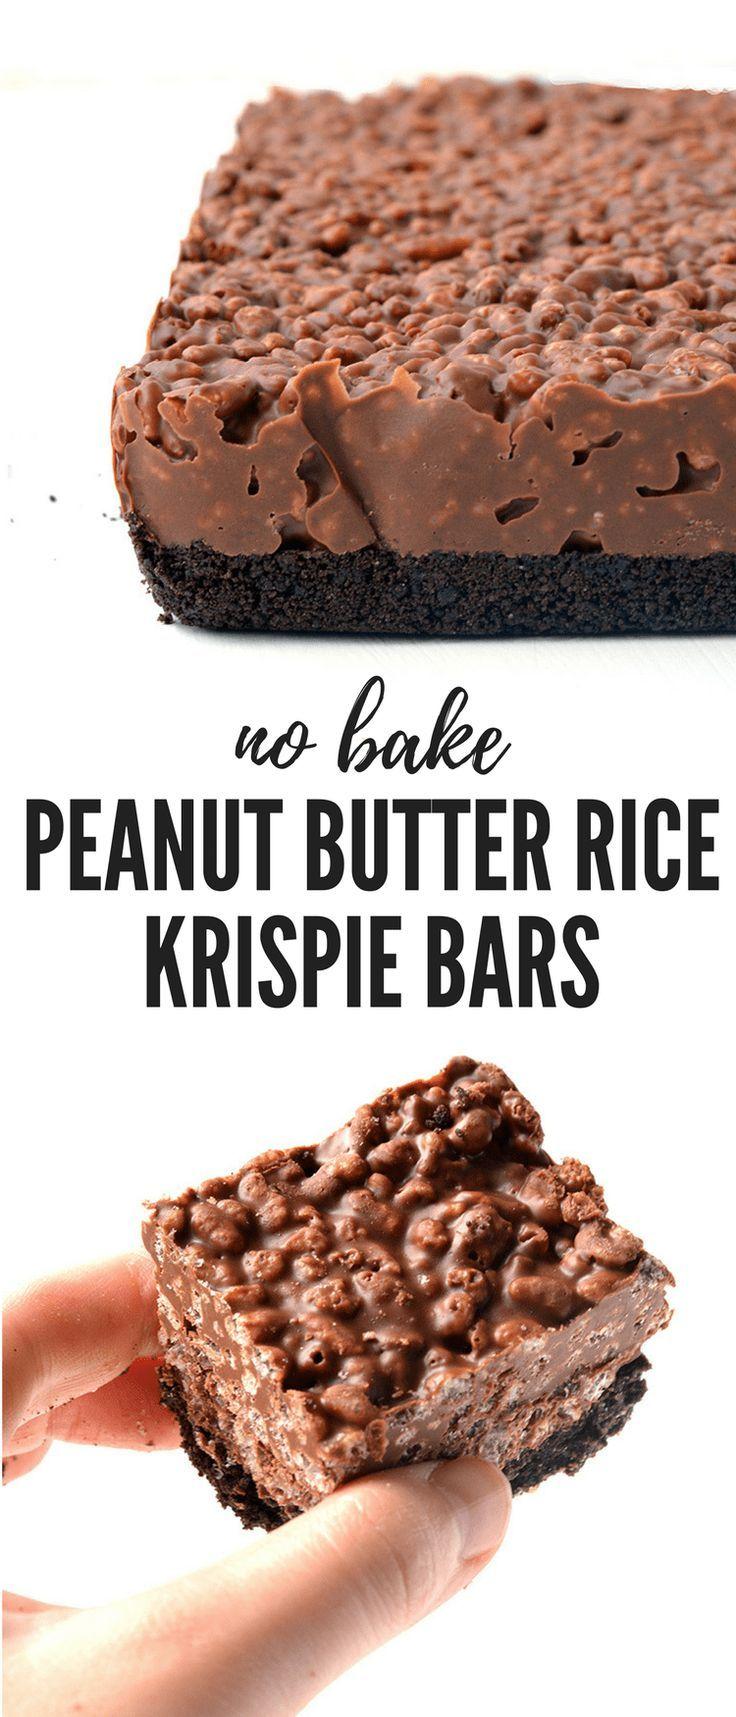 Erstaunlich, keine Erdnussbutter Reis Krispie Bars mit einer Oreo-Kruste backen. Sie brauchen nur